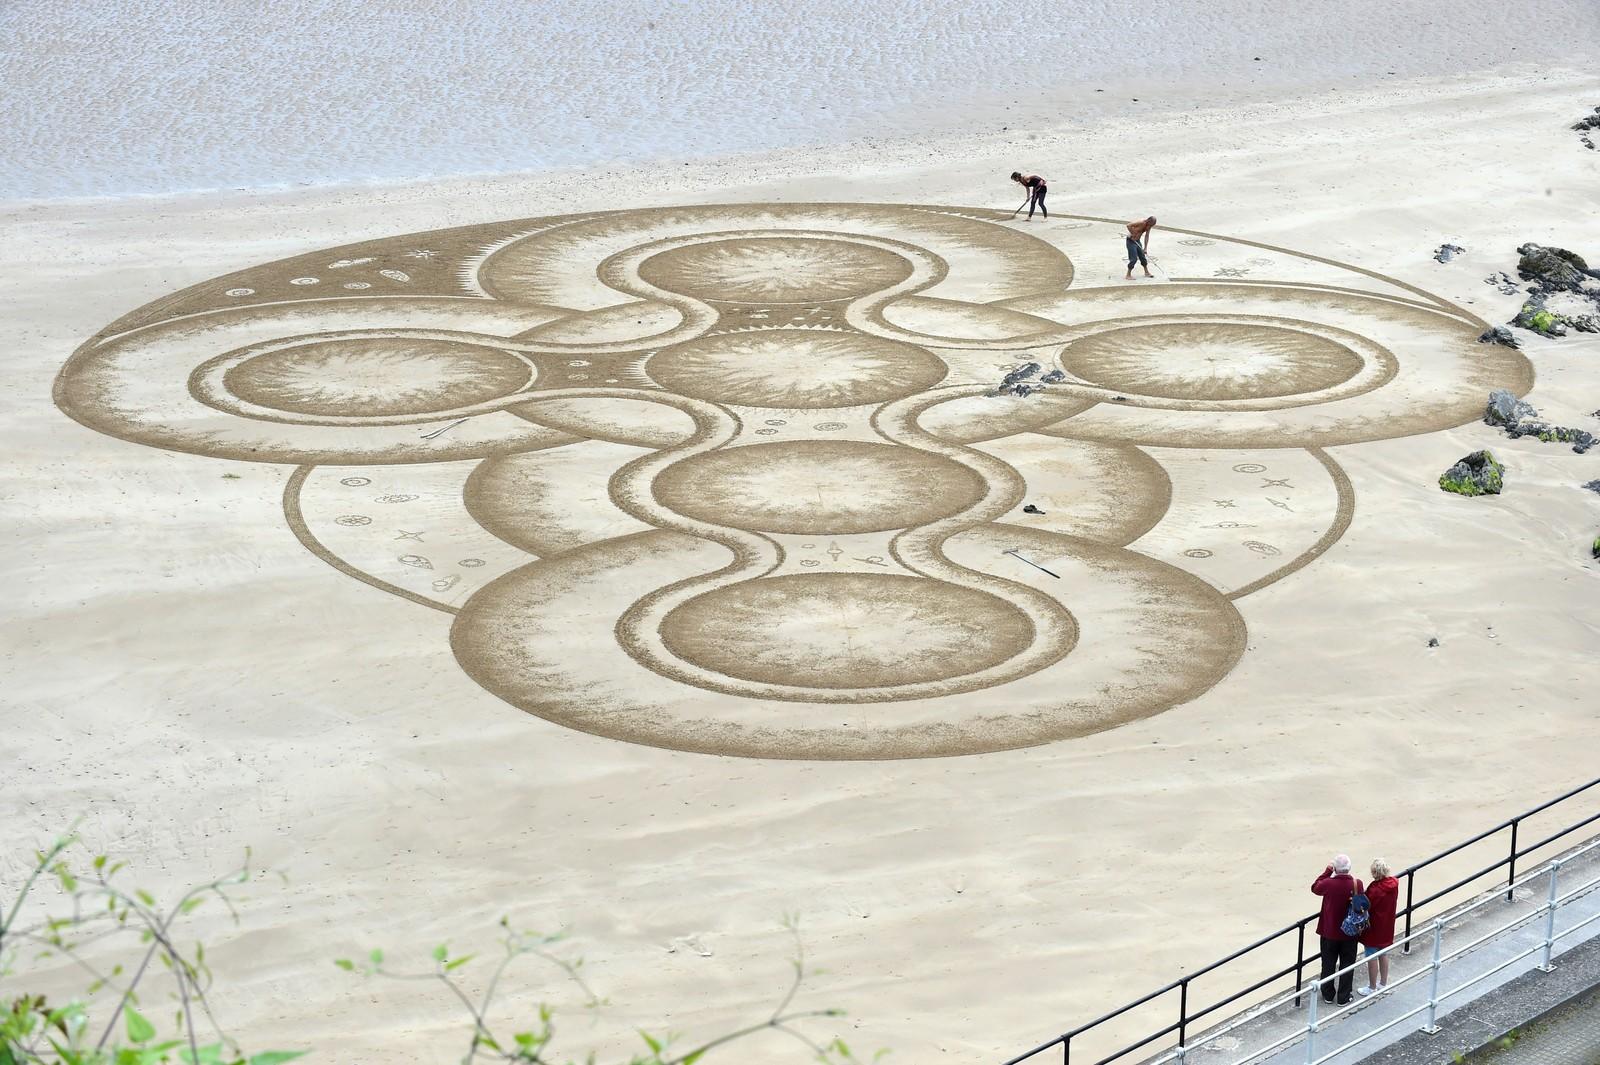 Marc Treanor er en såkalt sandkunstner, og hans siste verk kan du se på en strand i Pembrokeshire, Wales.